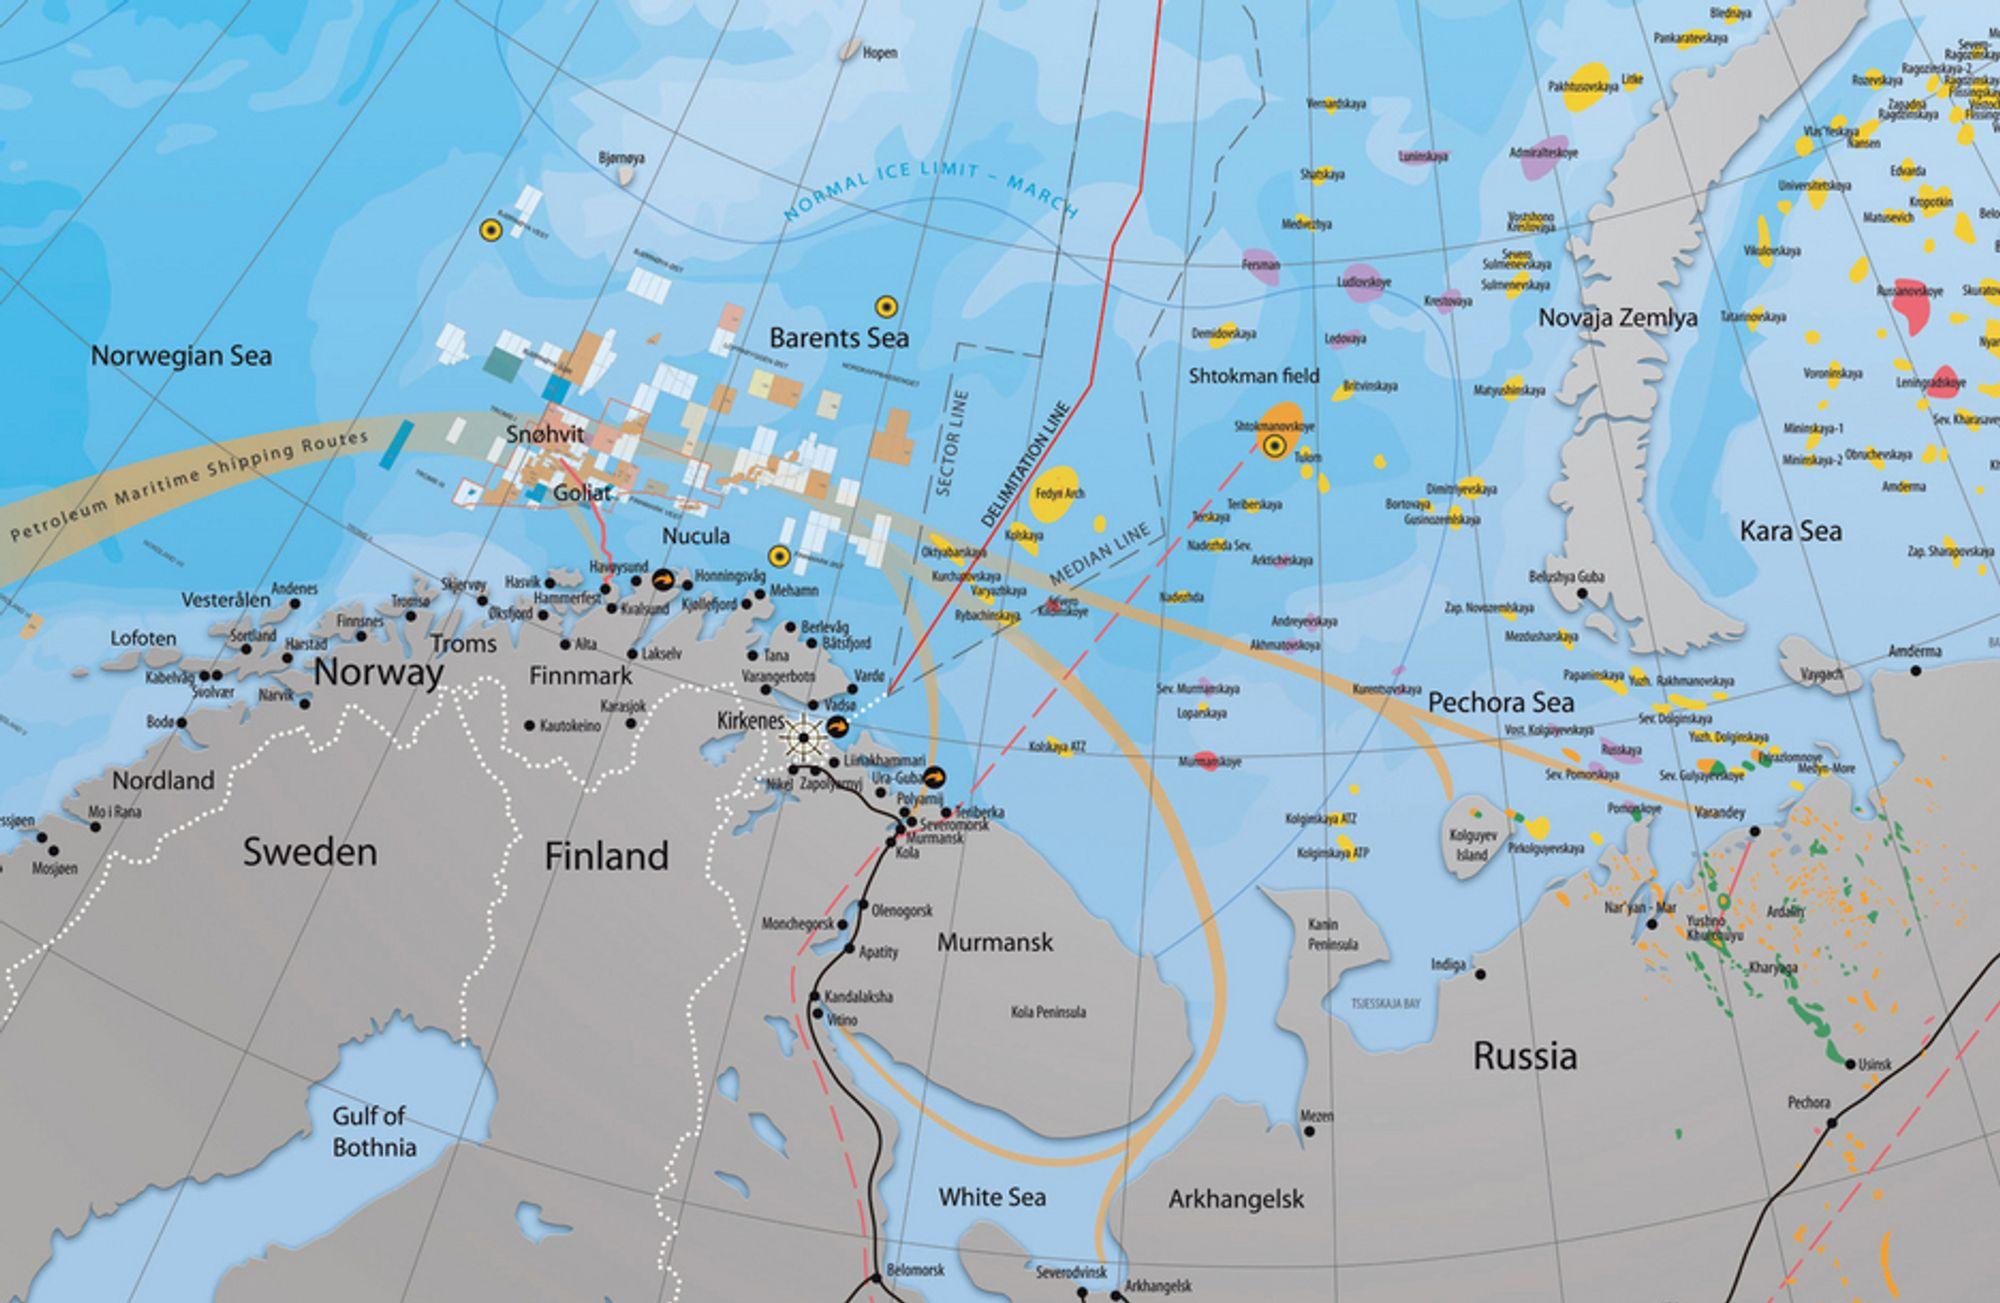 Slik blir de områdene delt mellom Norge og Russland.